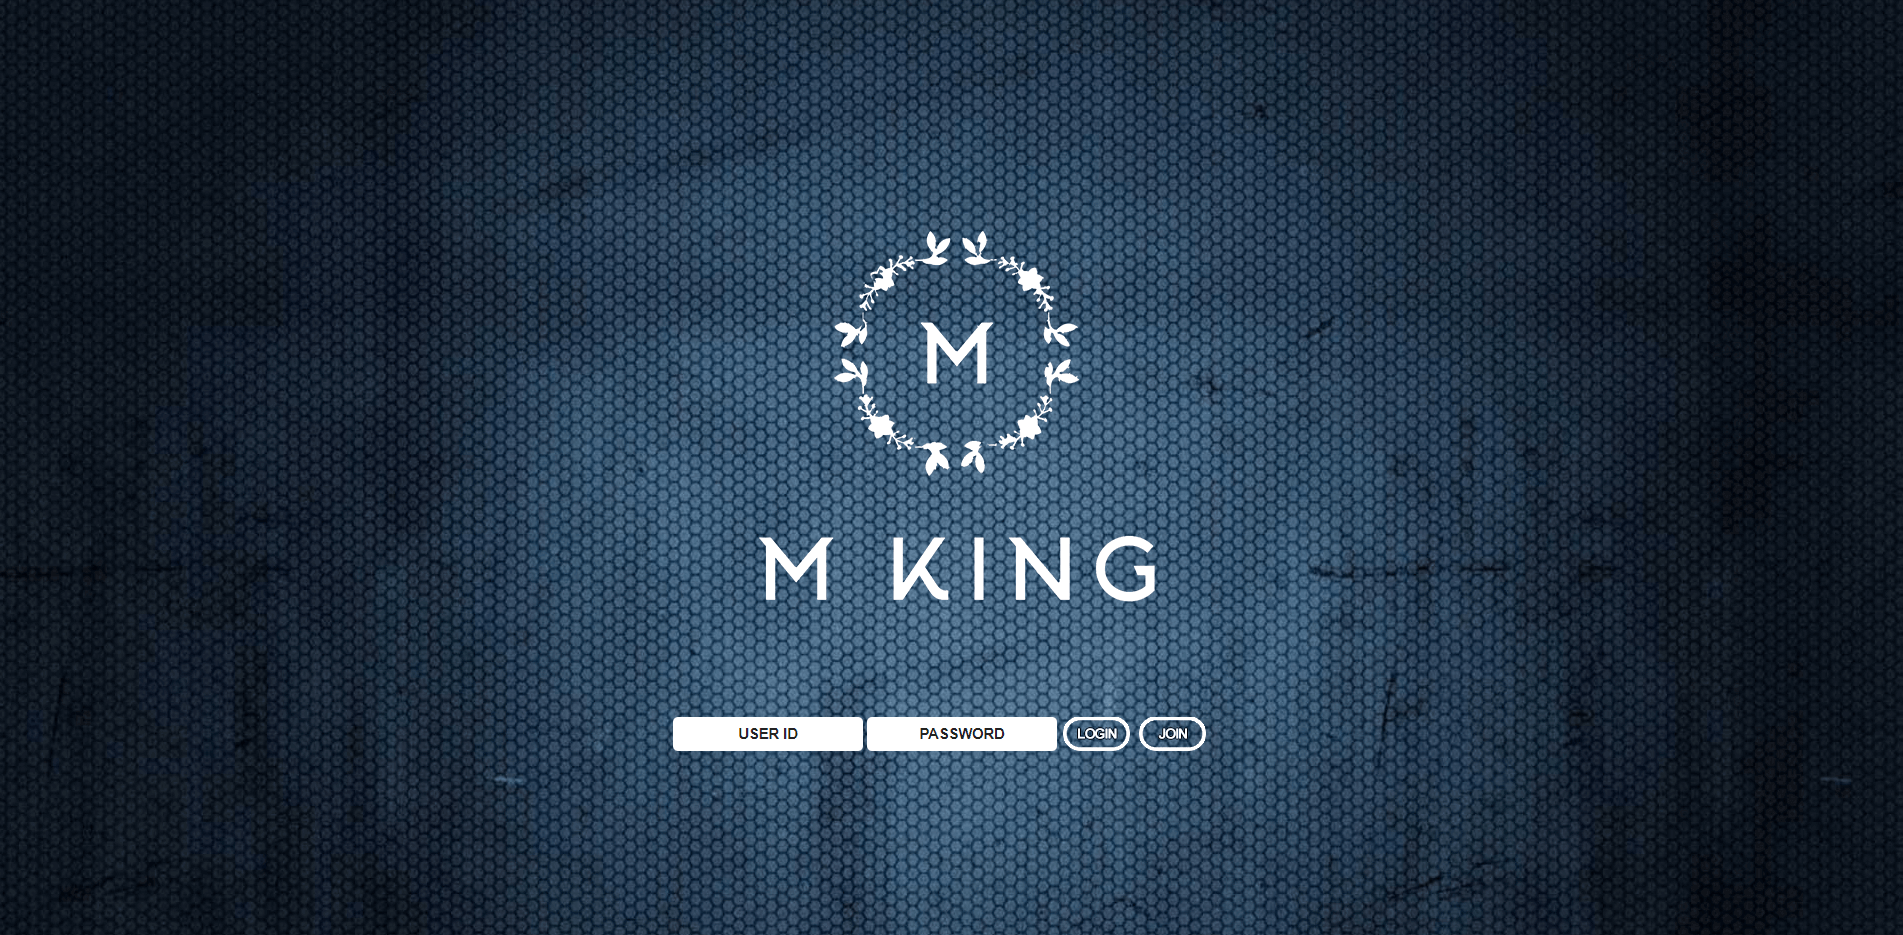 [먹튀검증]M킹(Mking)먹튀사이트확정btr-66.com먹튀검증업체 토토안내소